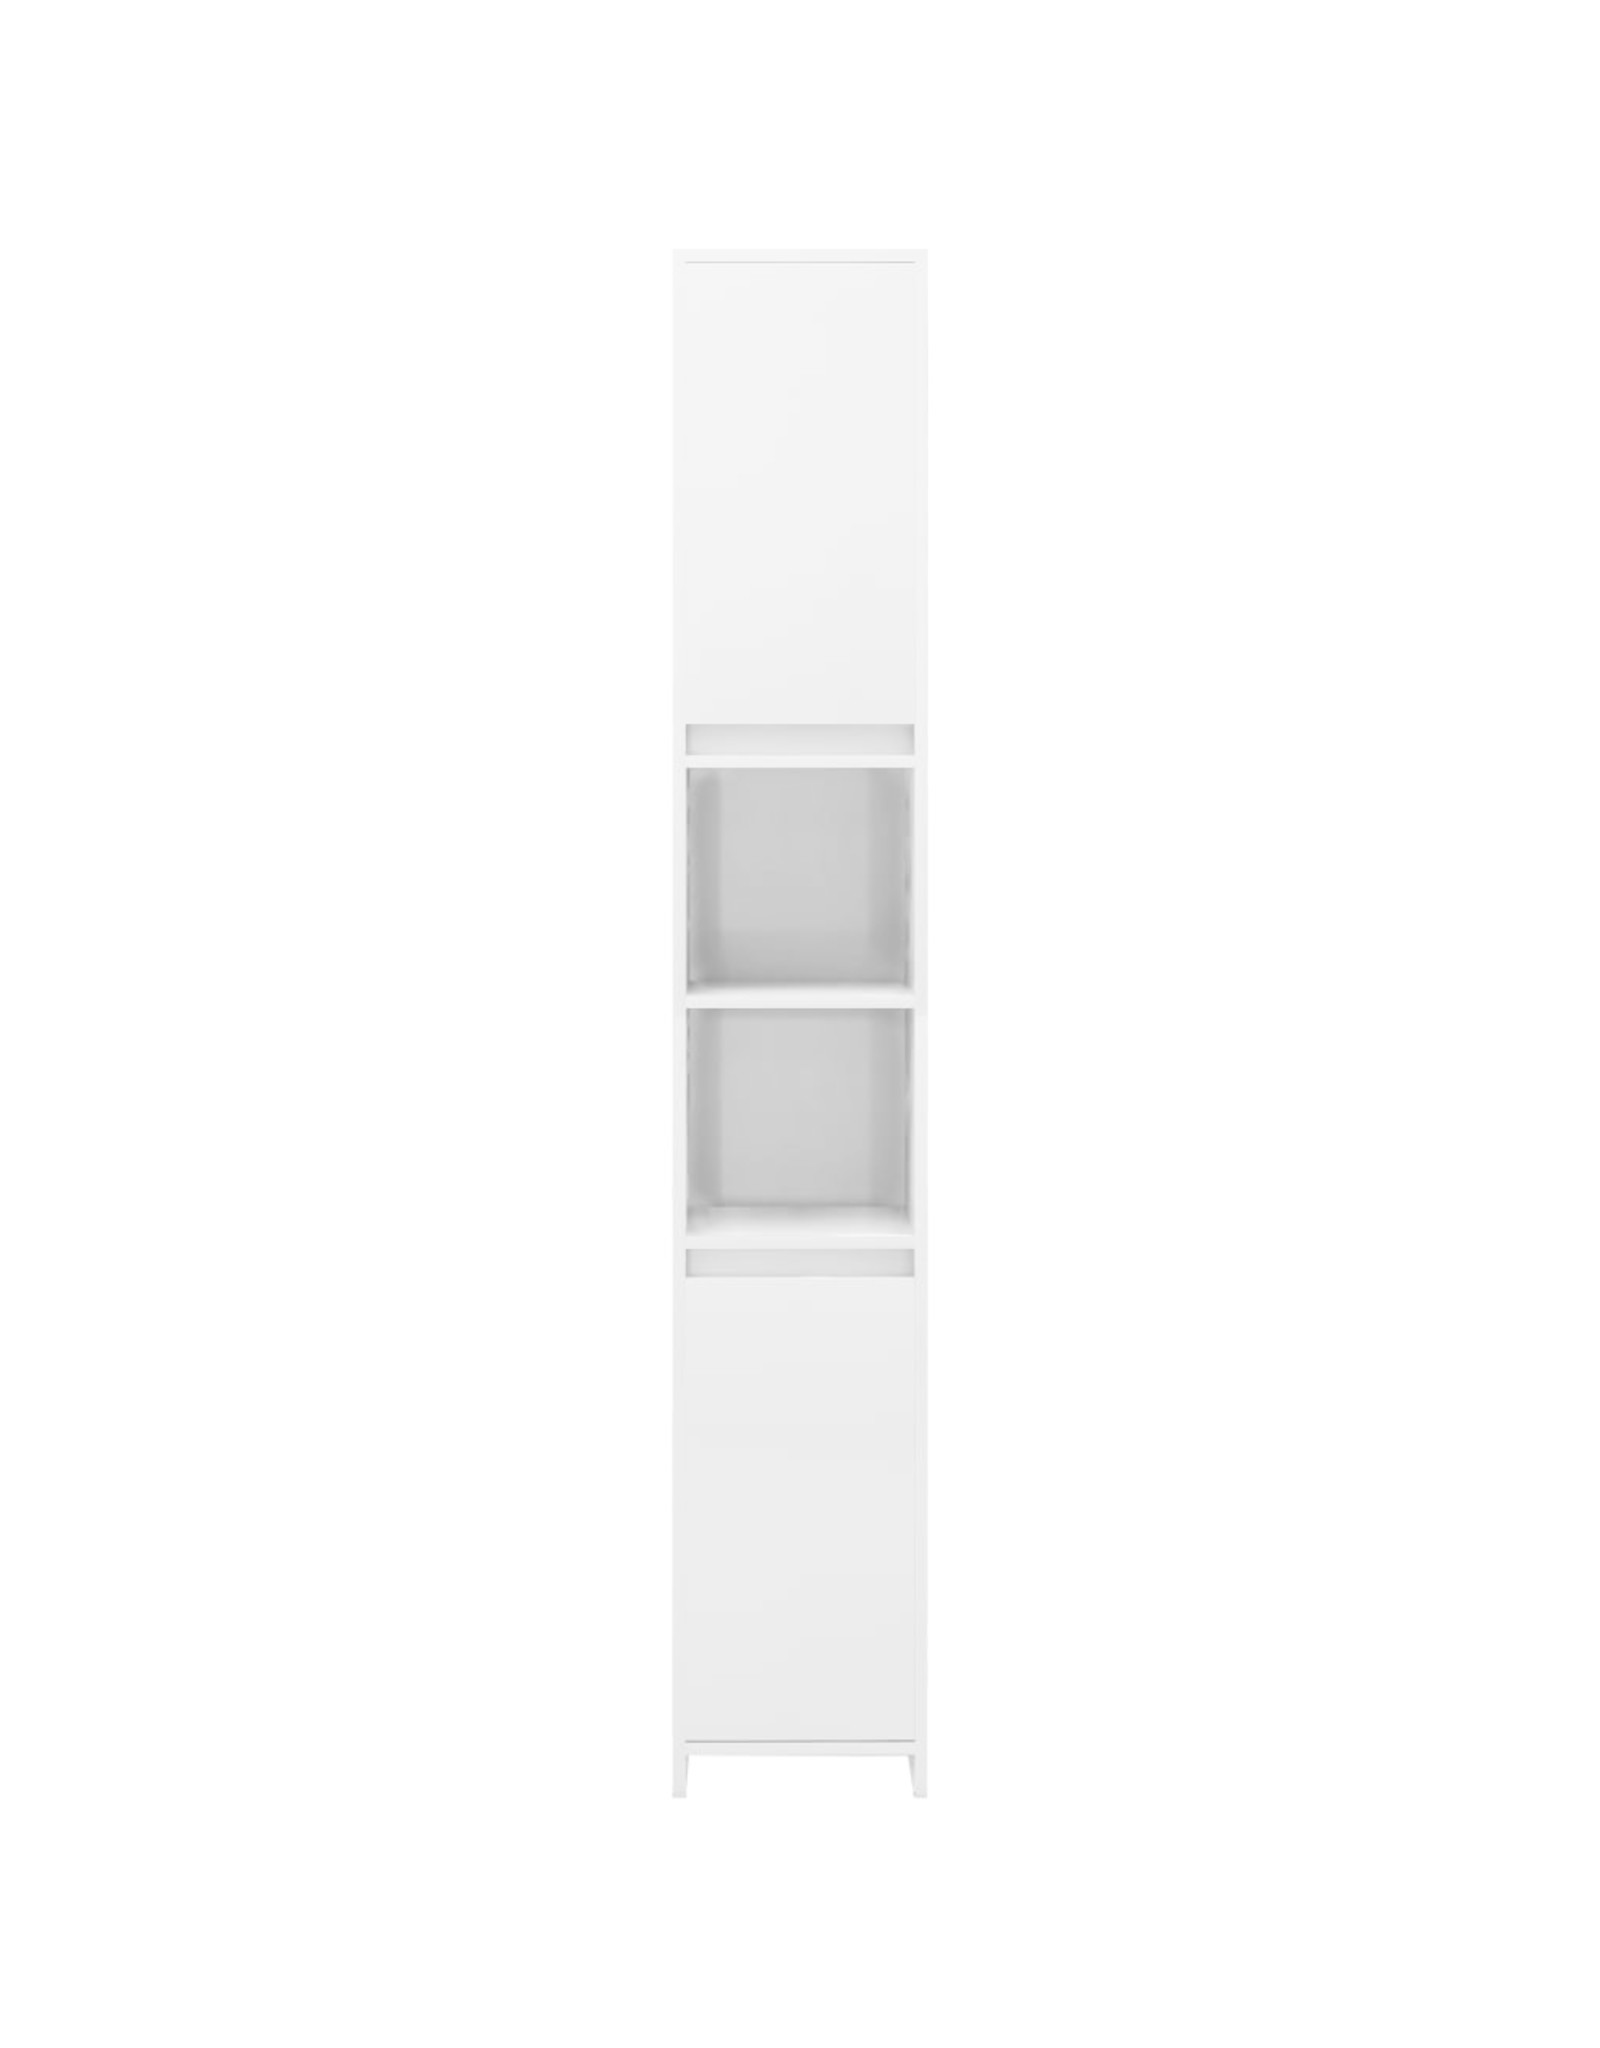 Badkamerkast 30x30x183,5 cm spaanplaat hoogglans wit